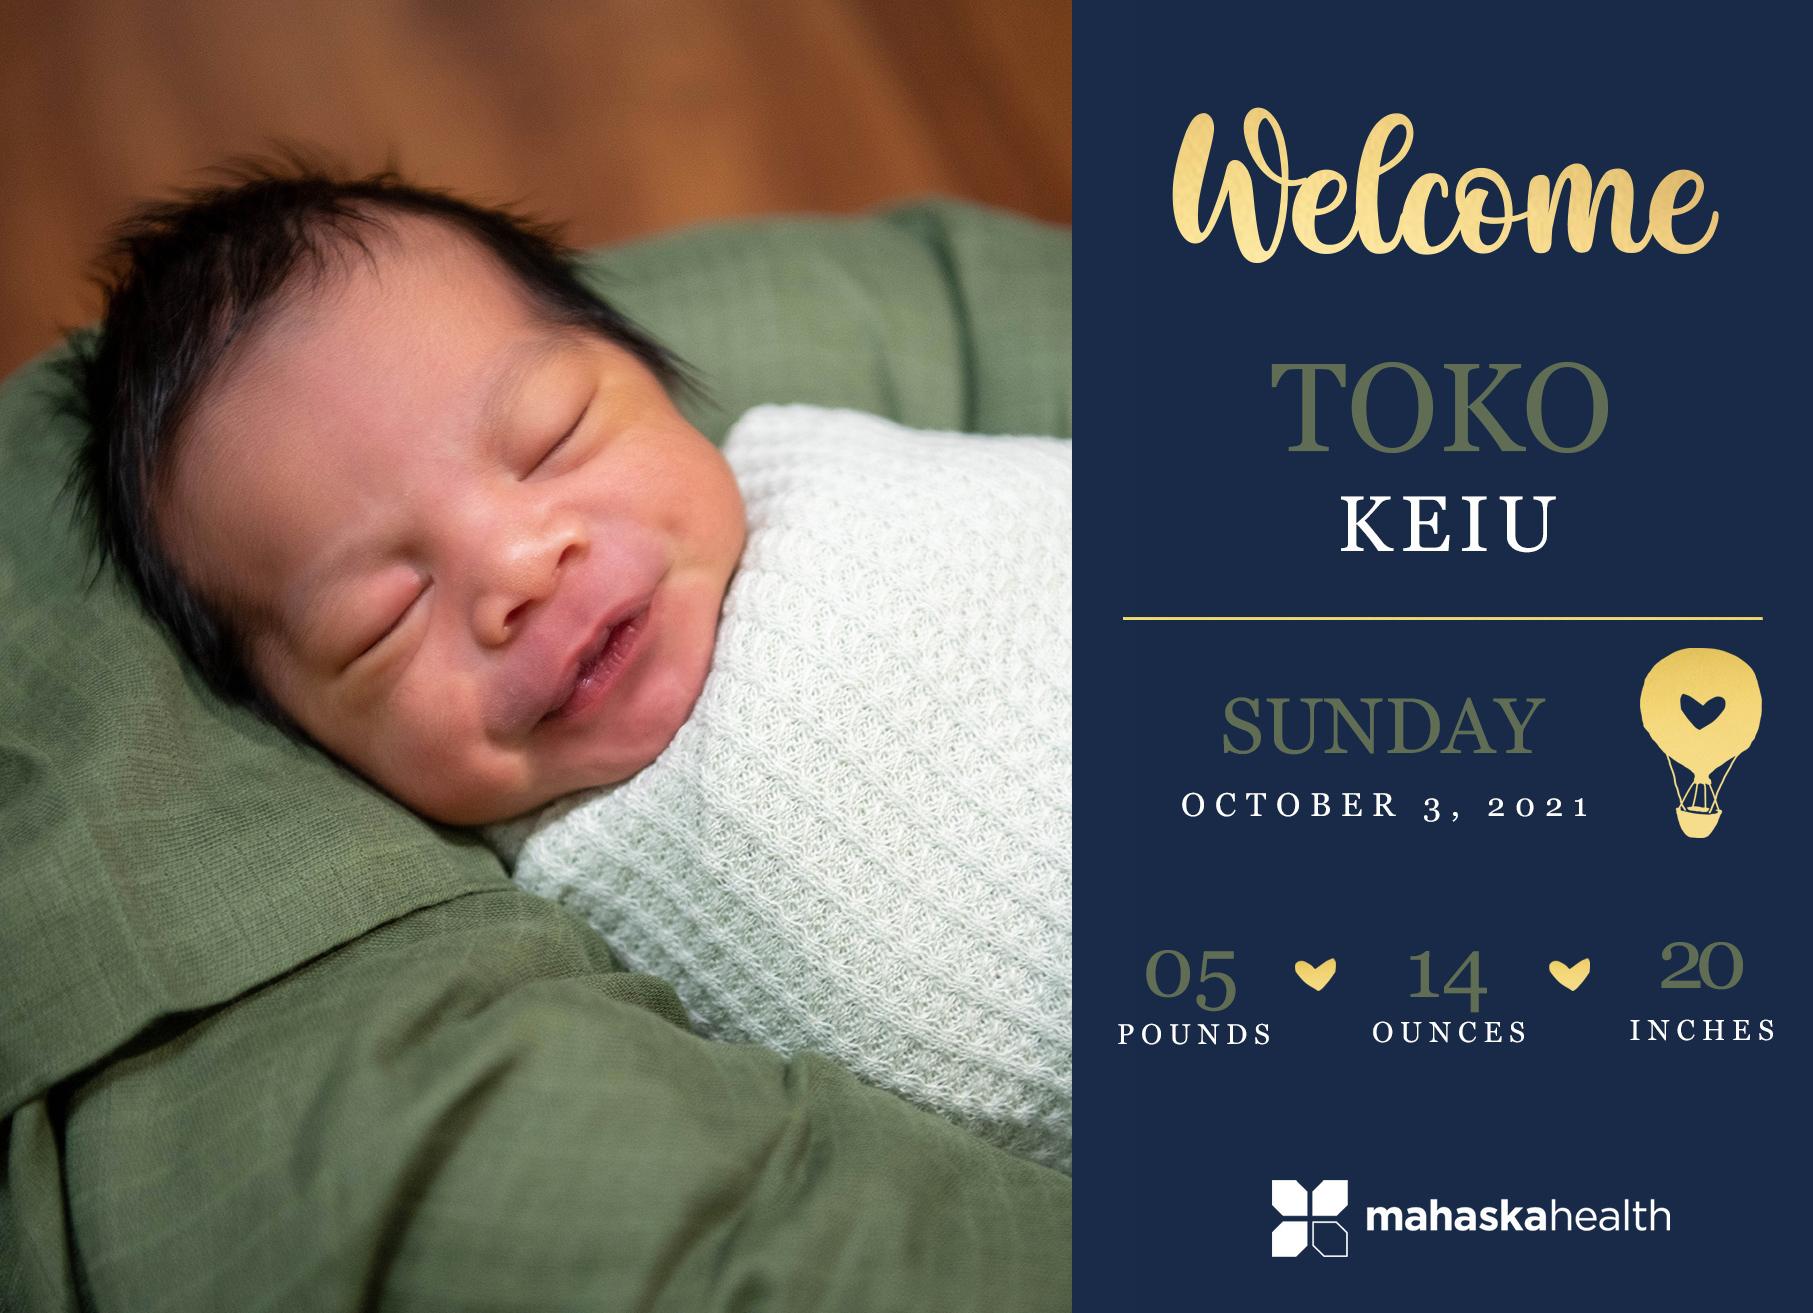 Welcome Toko Keiu! 6